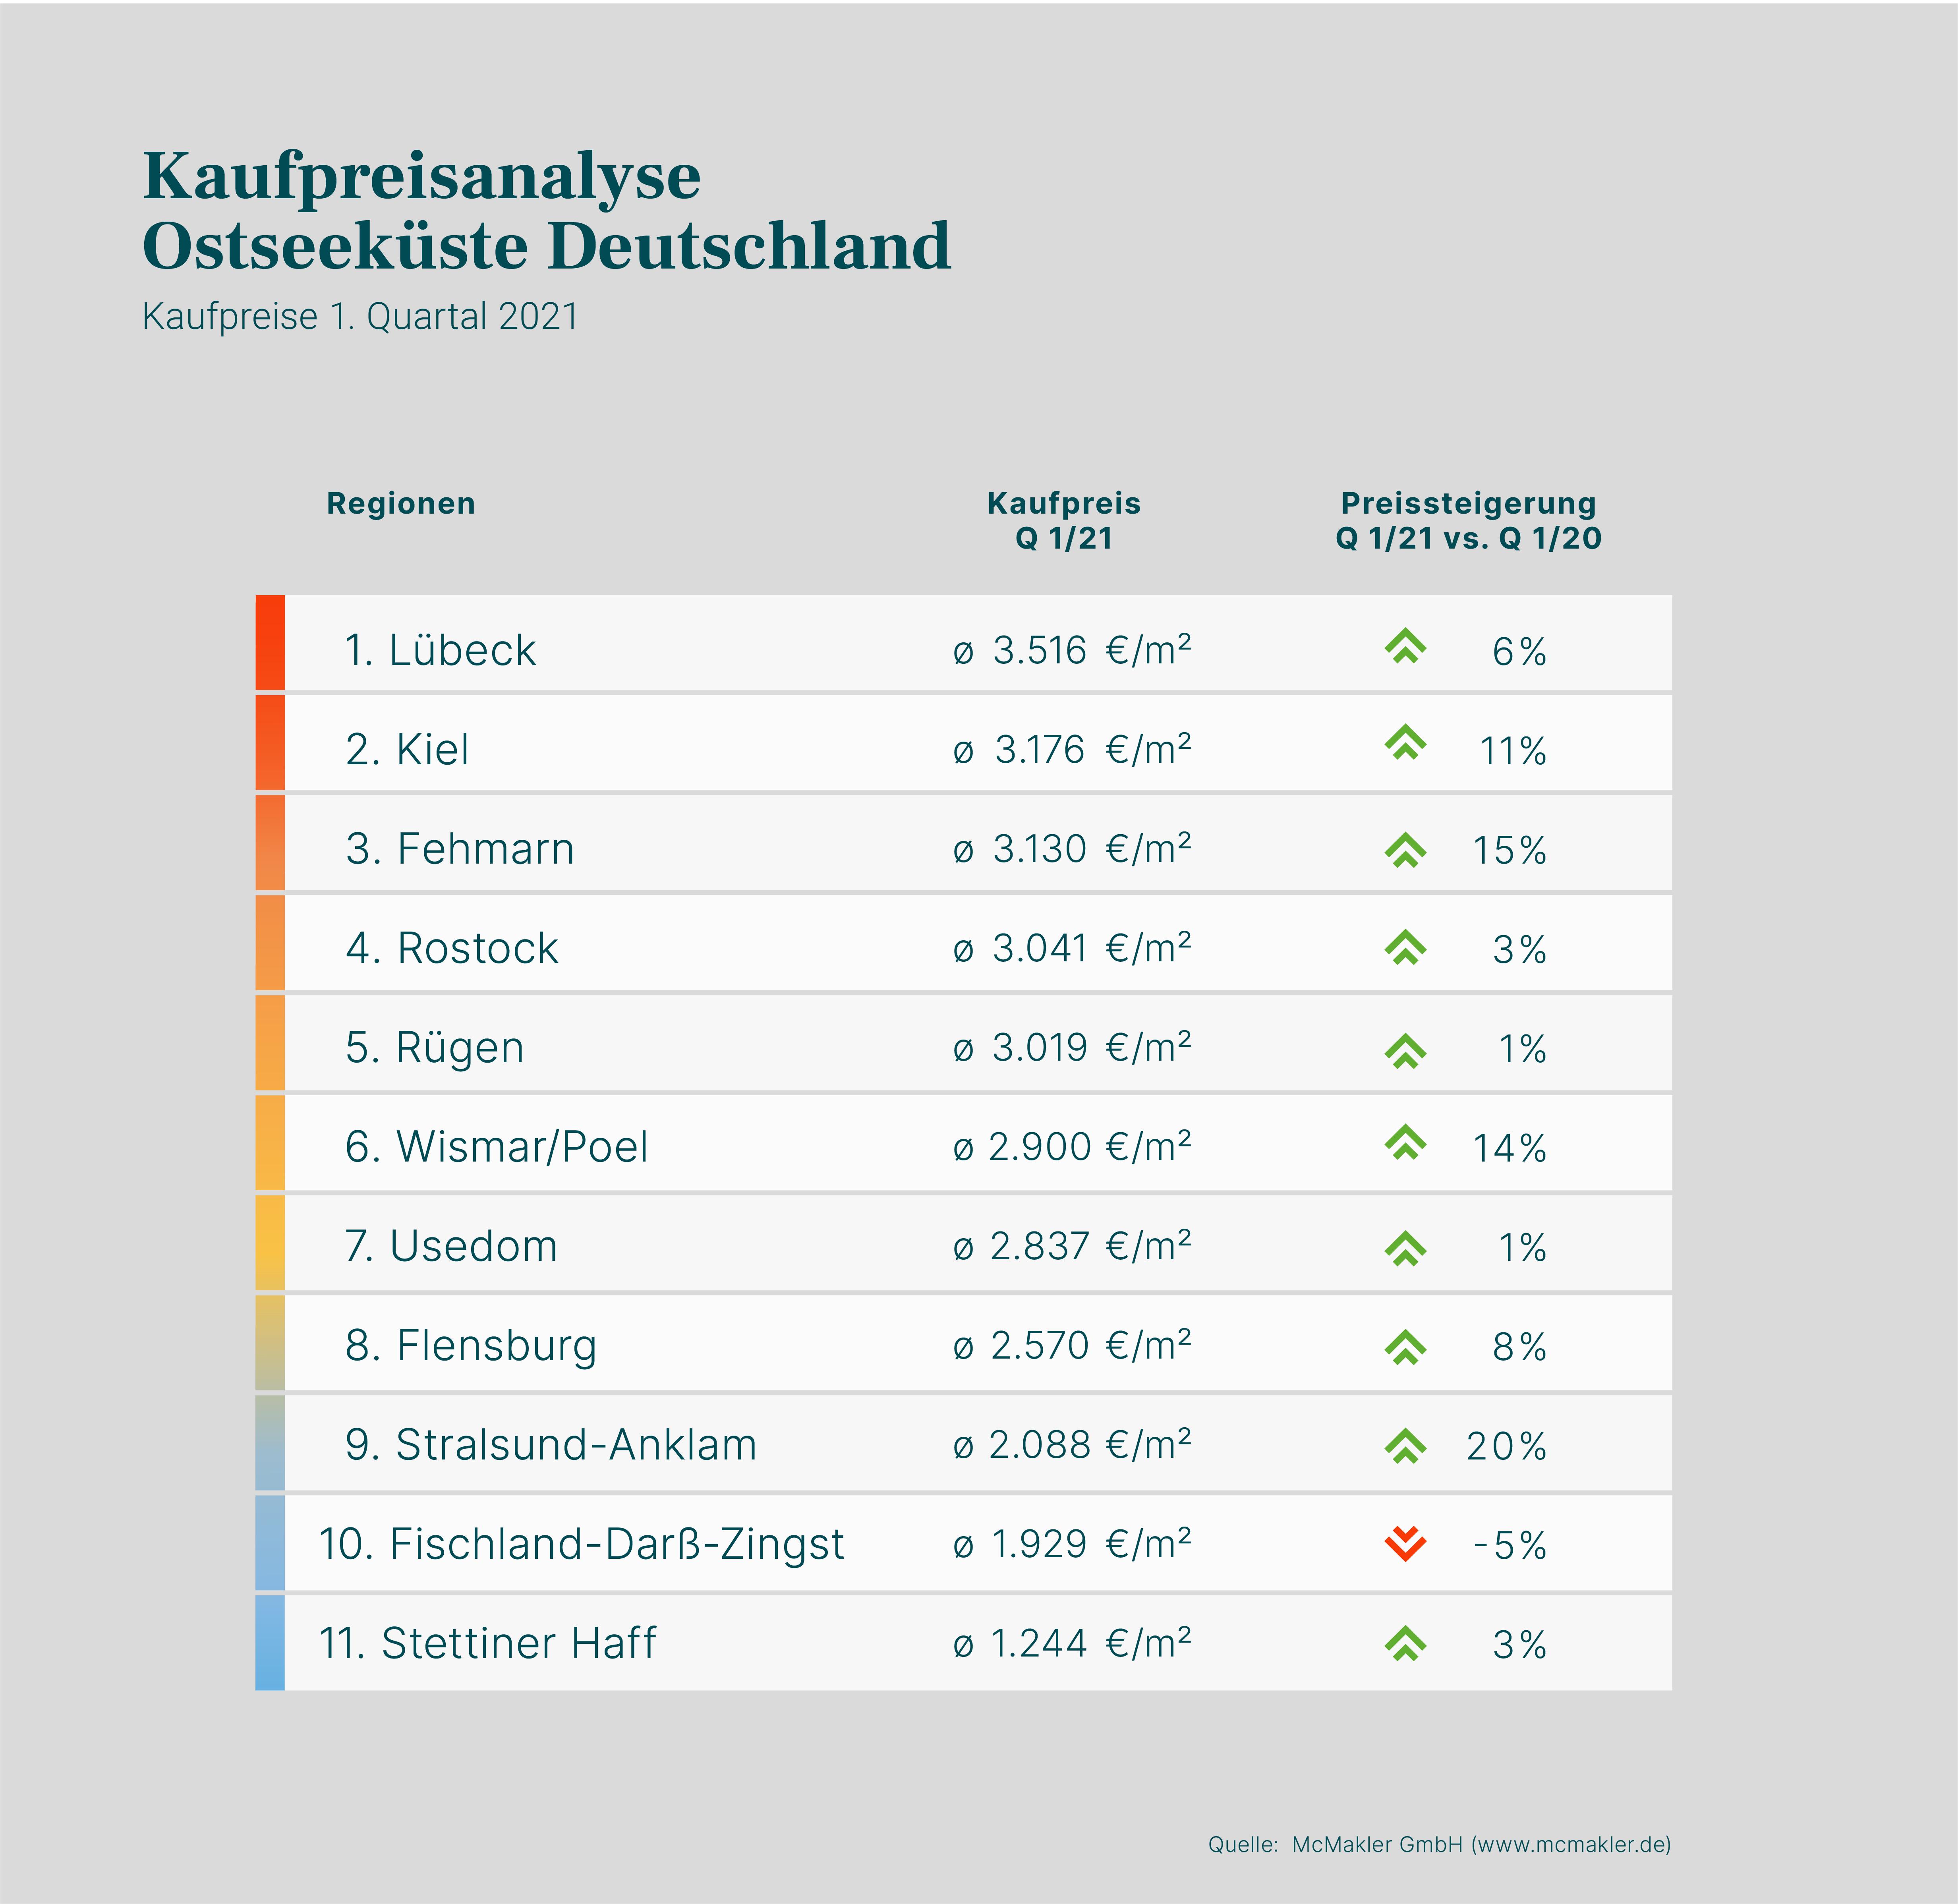 Immobilienklima Ostseeküste: Kaufpreise 1. Quartal 2021